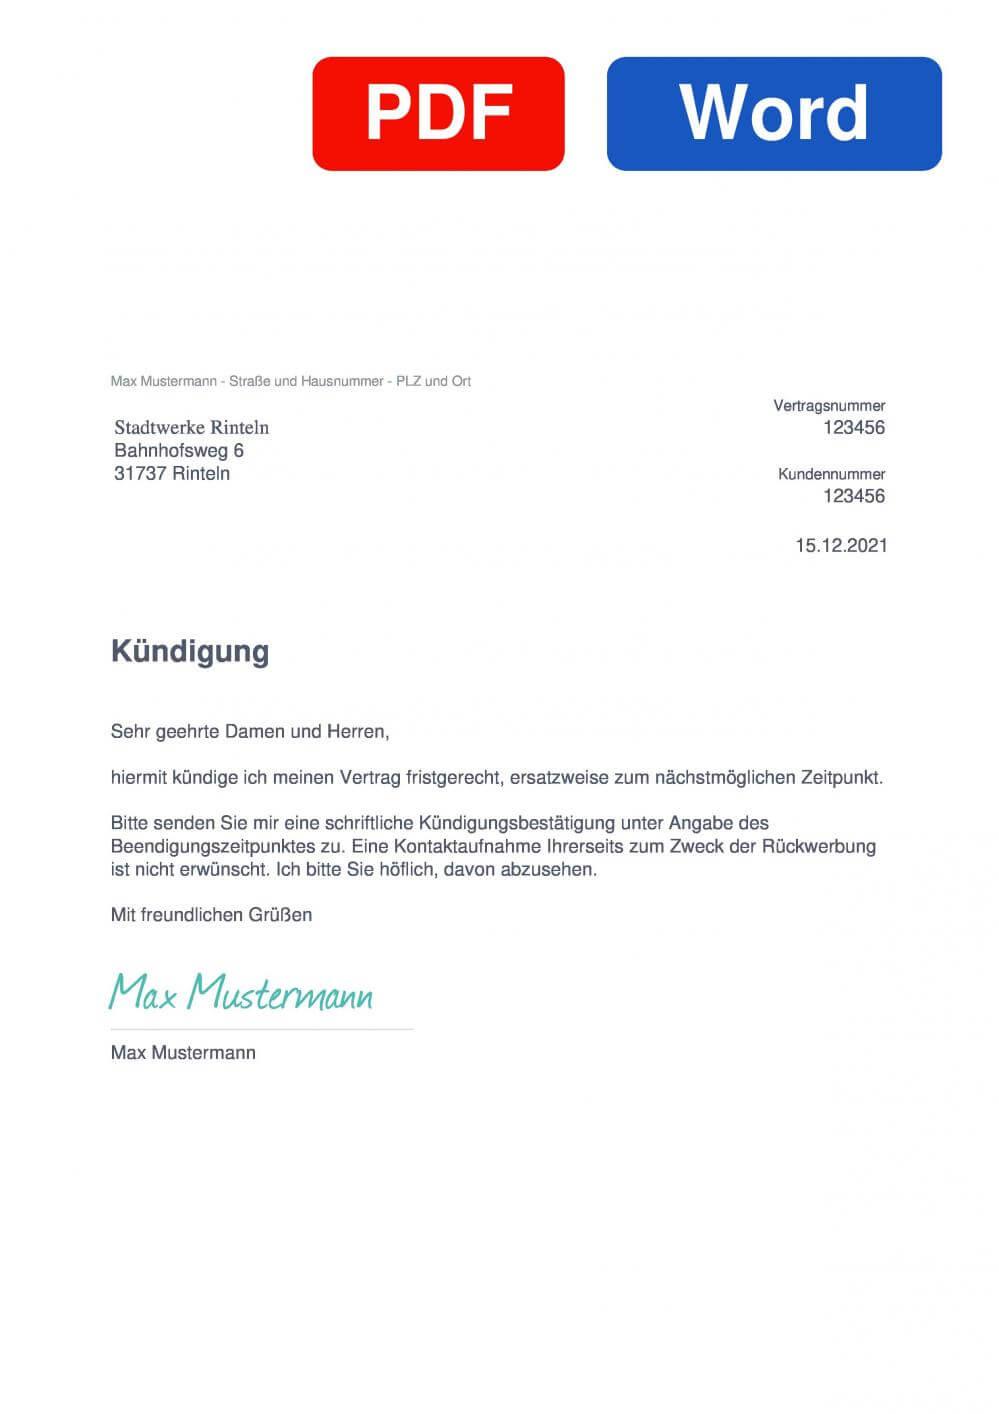 Stadtwerke Rinteln Muster Vorlage für Kündigungsschreiben